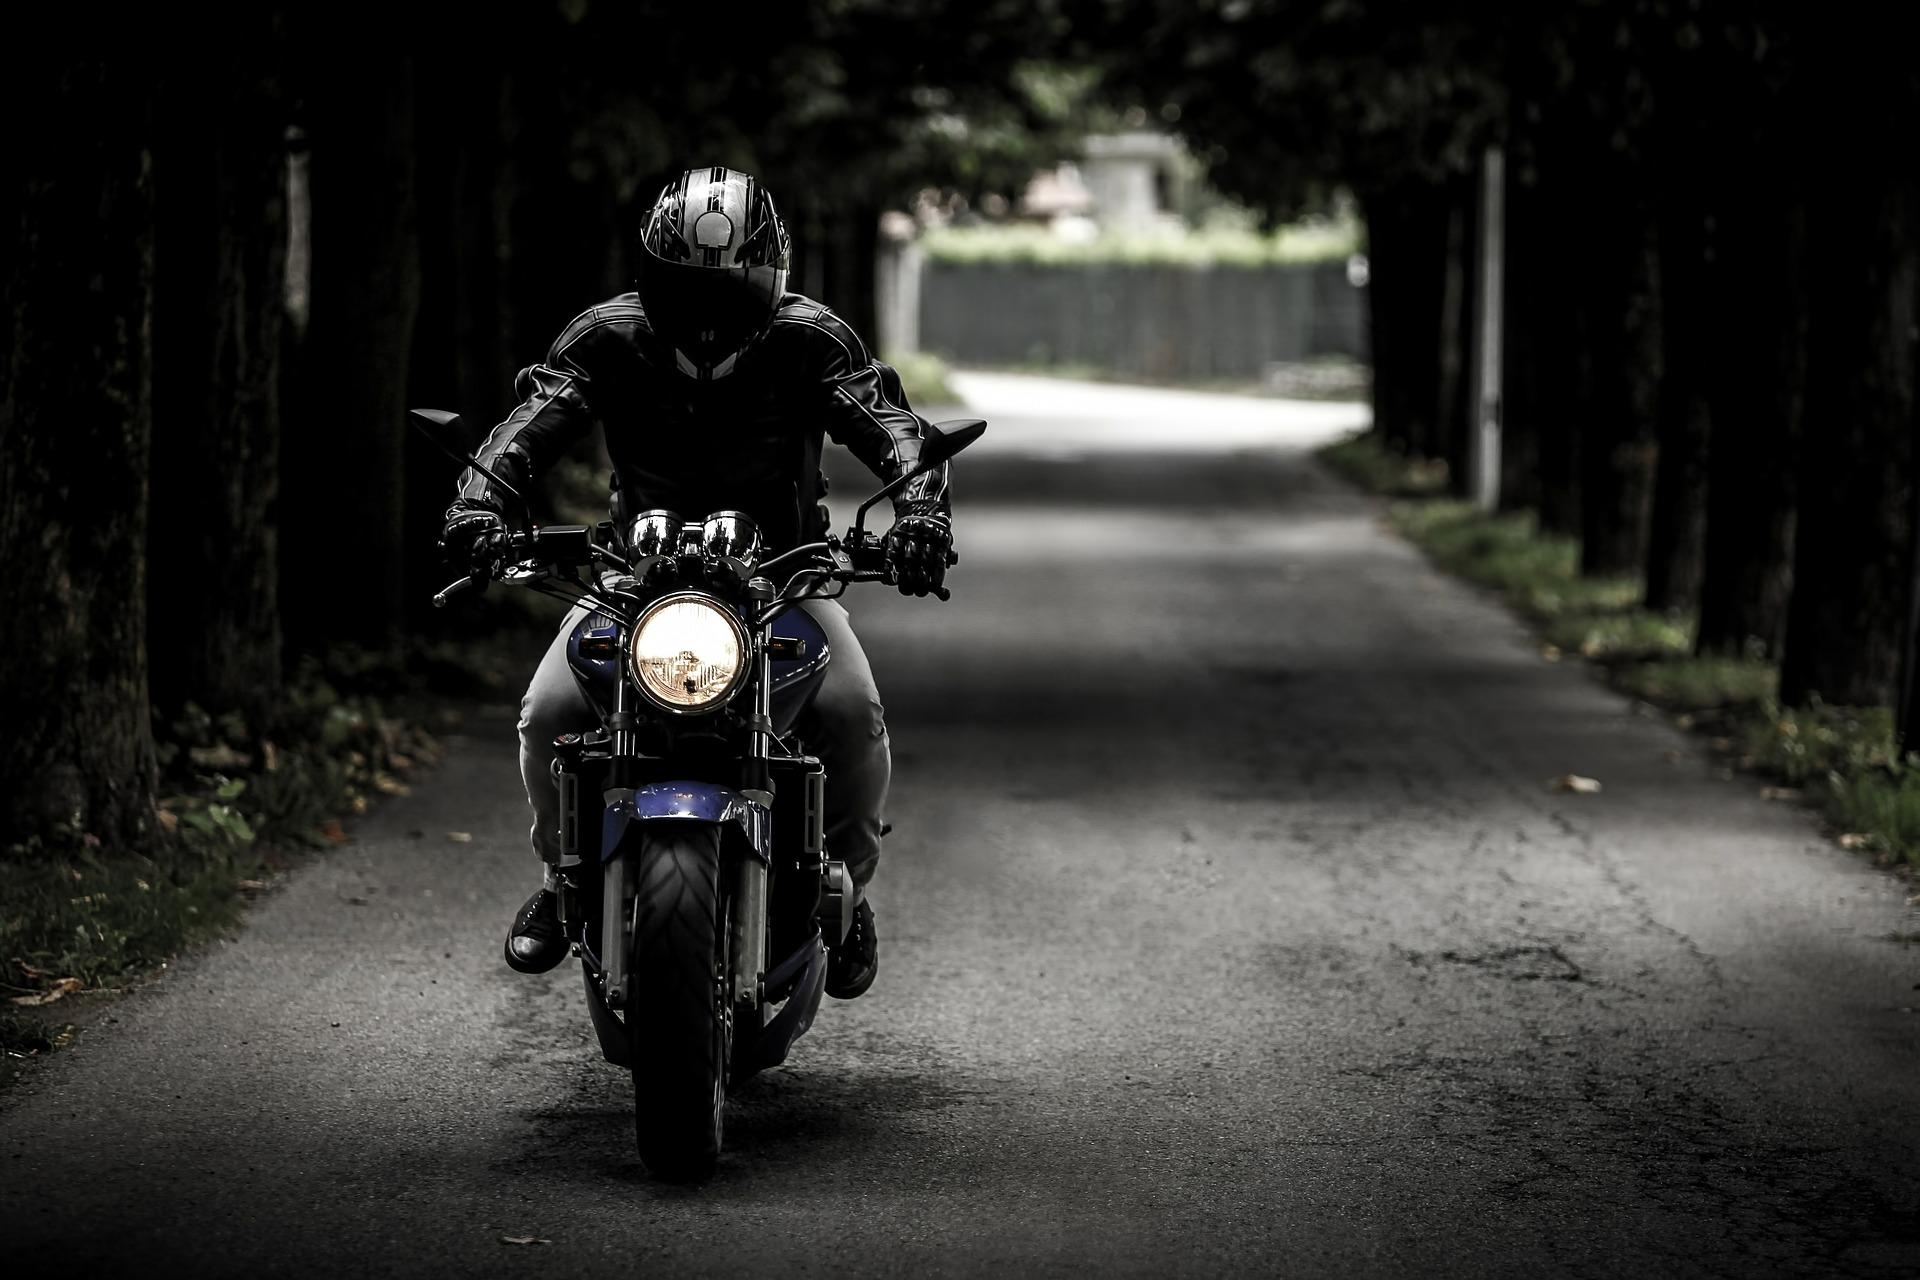 motorradbekleidung test kosten bild